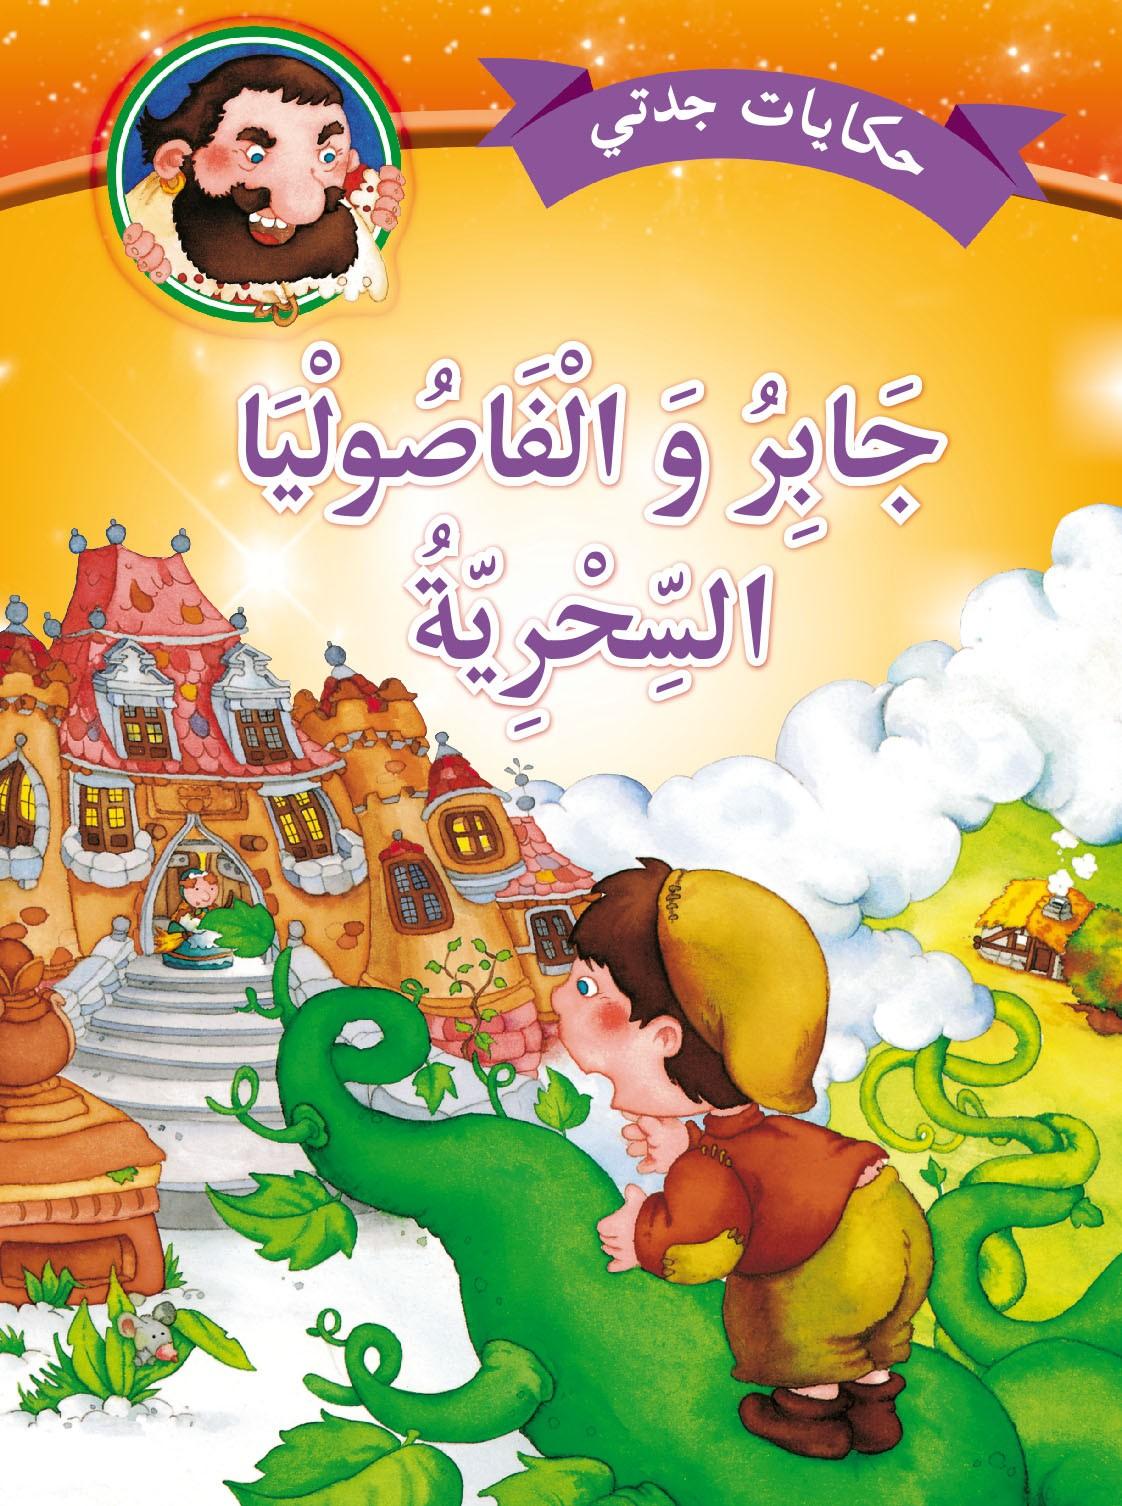 صورة ملخص قصص اطفال , الاختيار الصحيح لقصص الاطفال